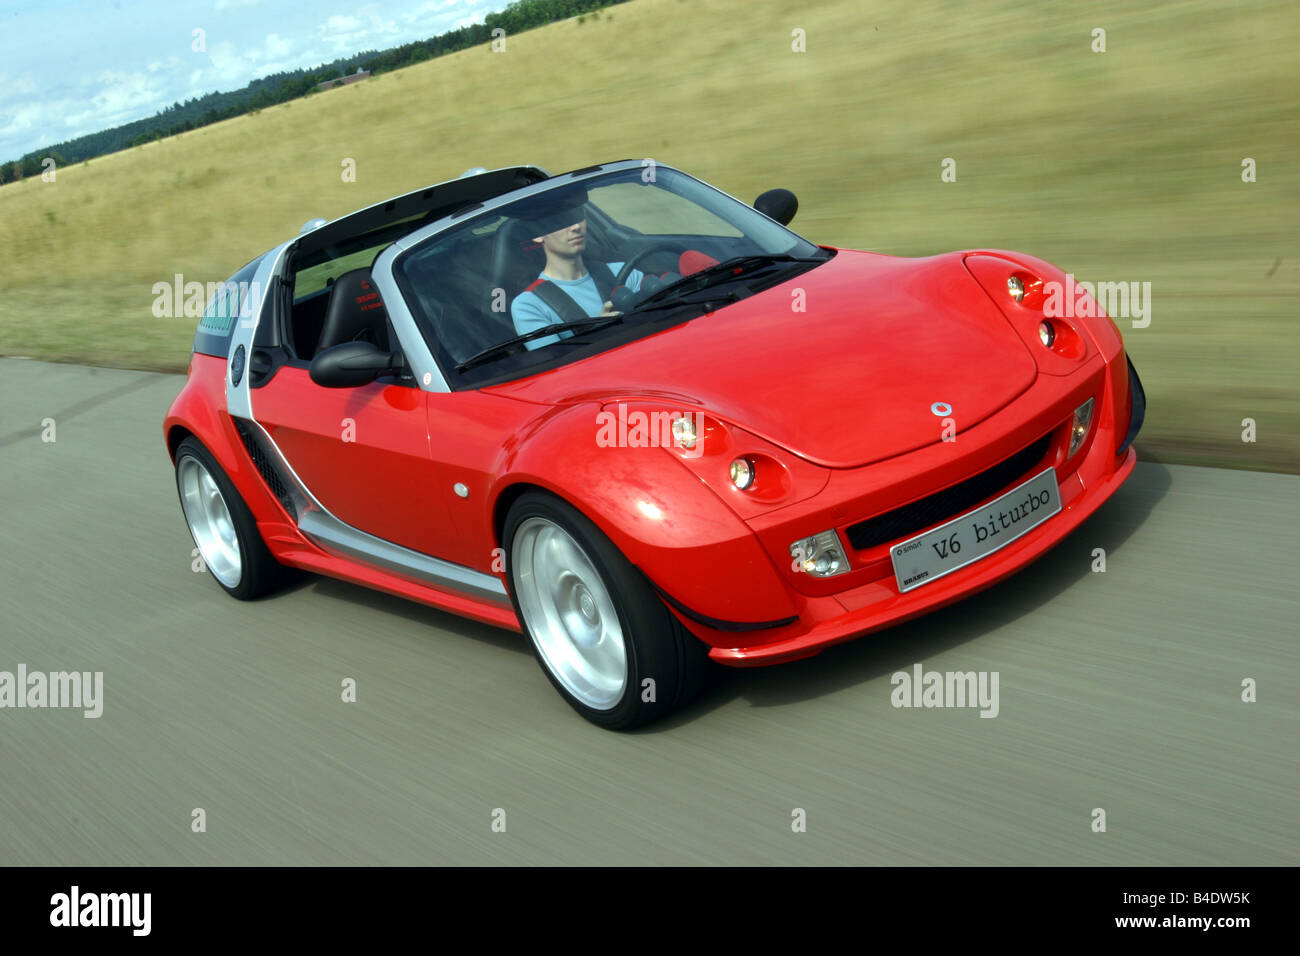 car smart roadster v6 model year 2002 convertible red. Black Bedroom Furniture Sets. Home Design Ideas